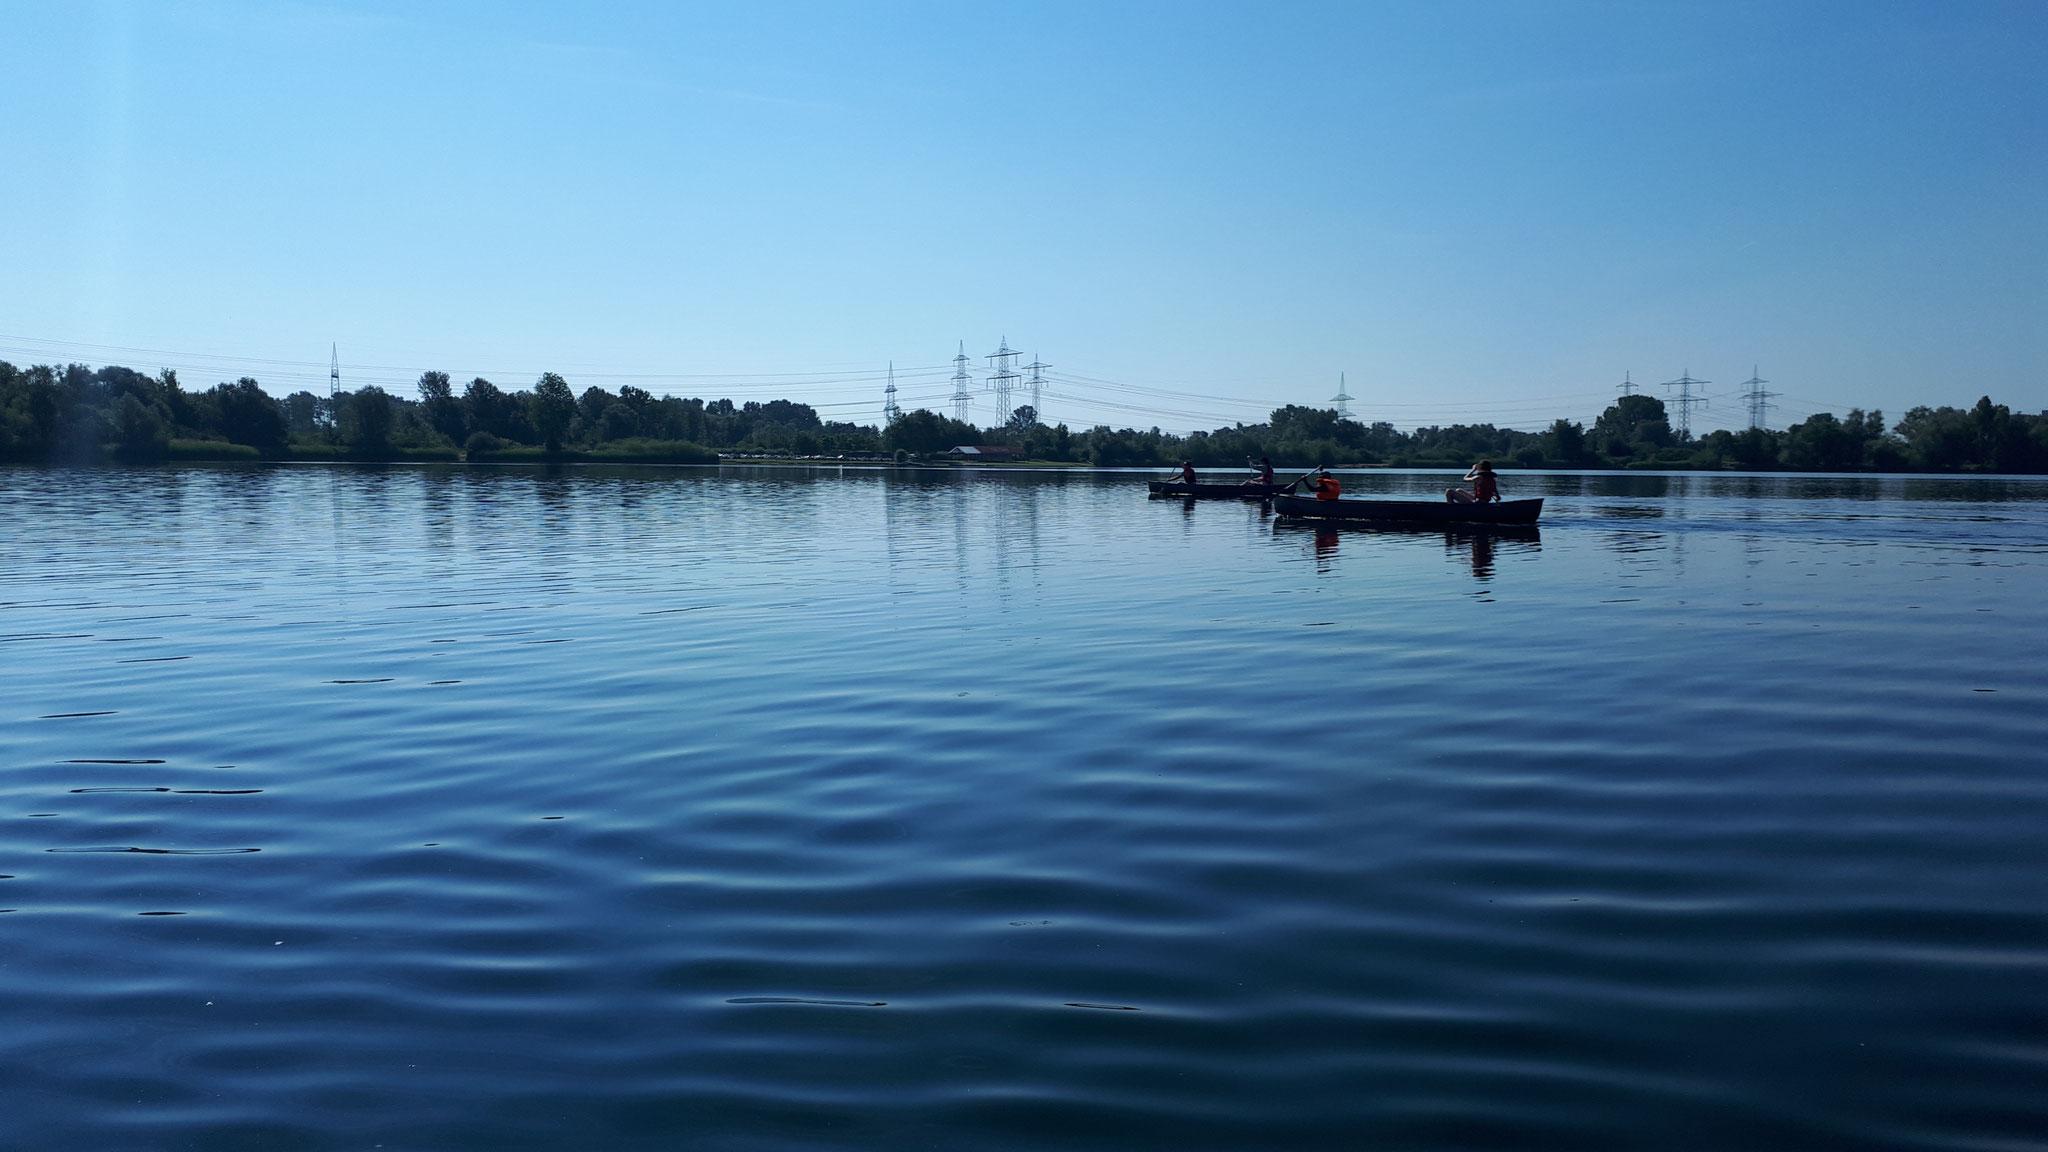 Das typische Panorama des Erlichsees - Natur und Hochspannung.